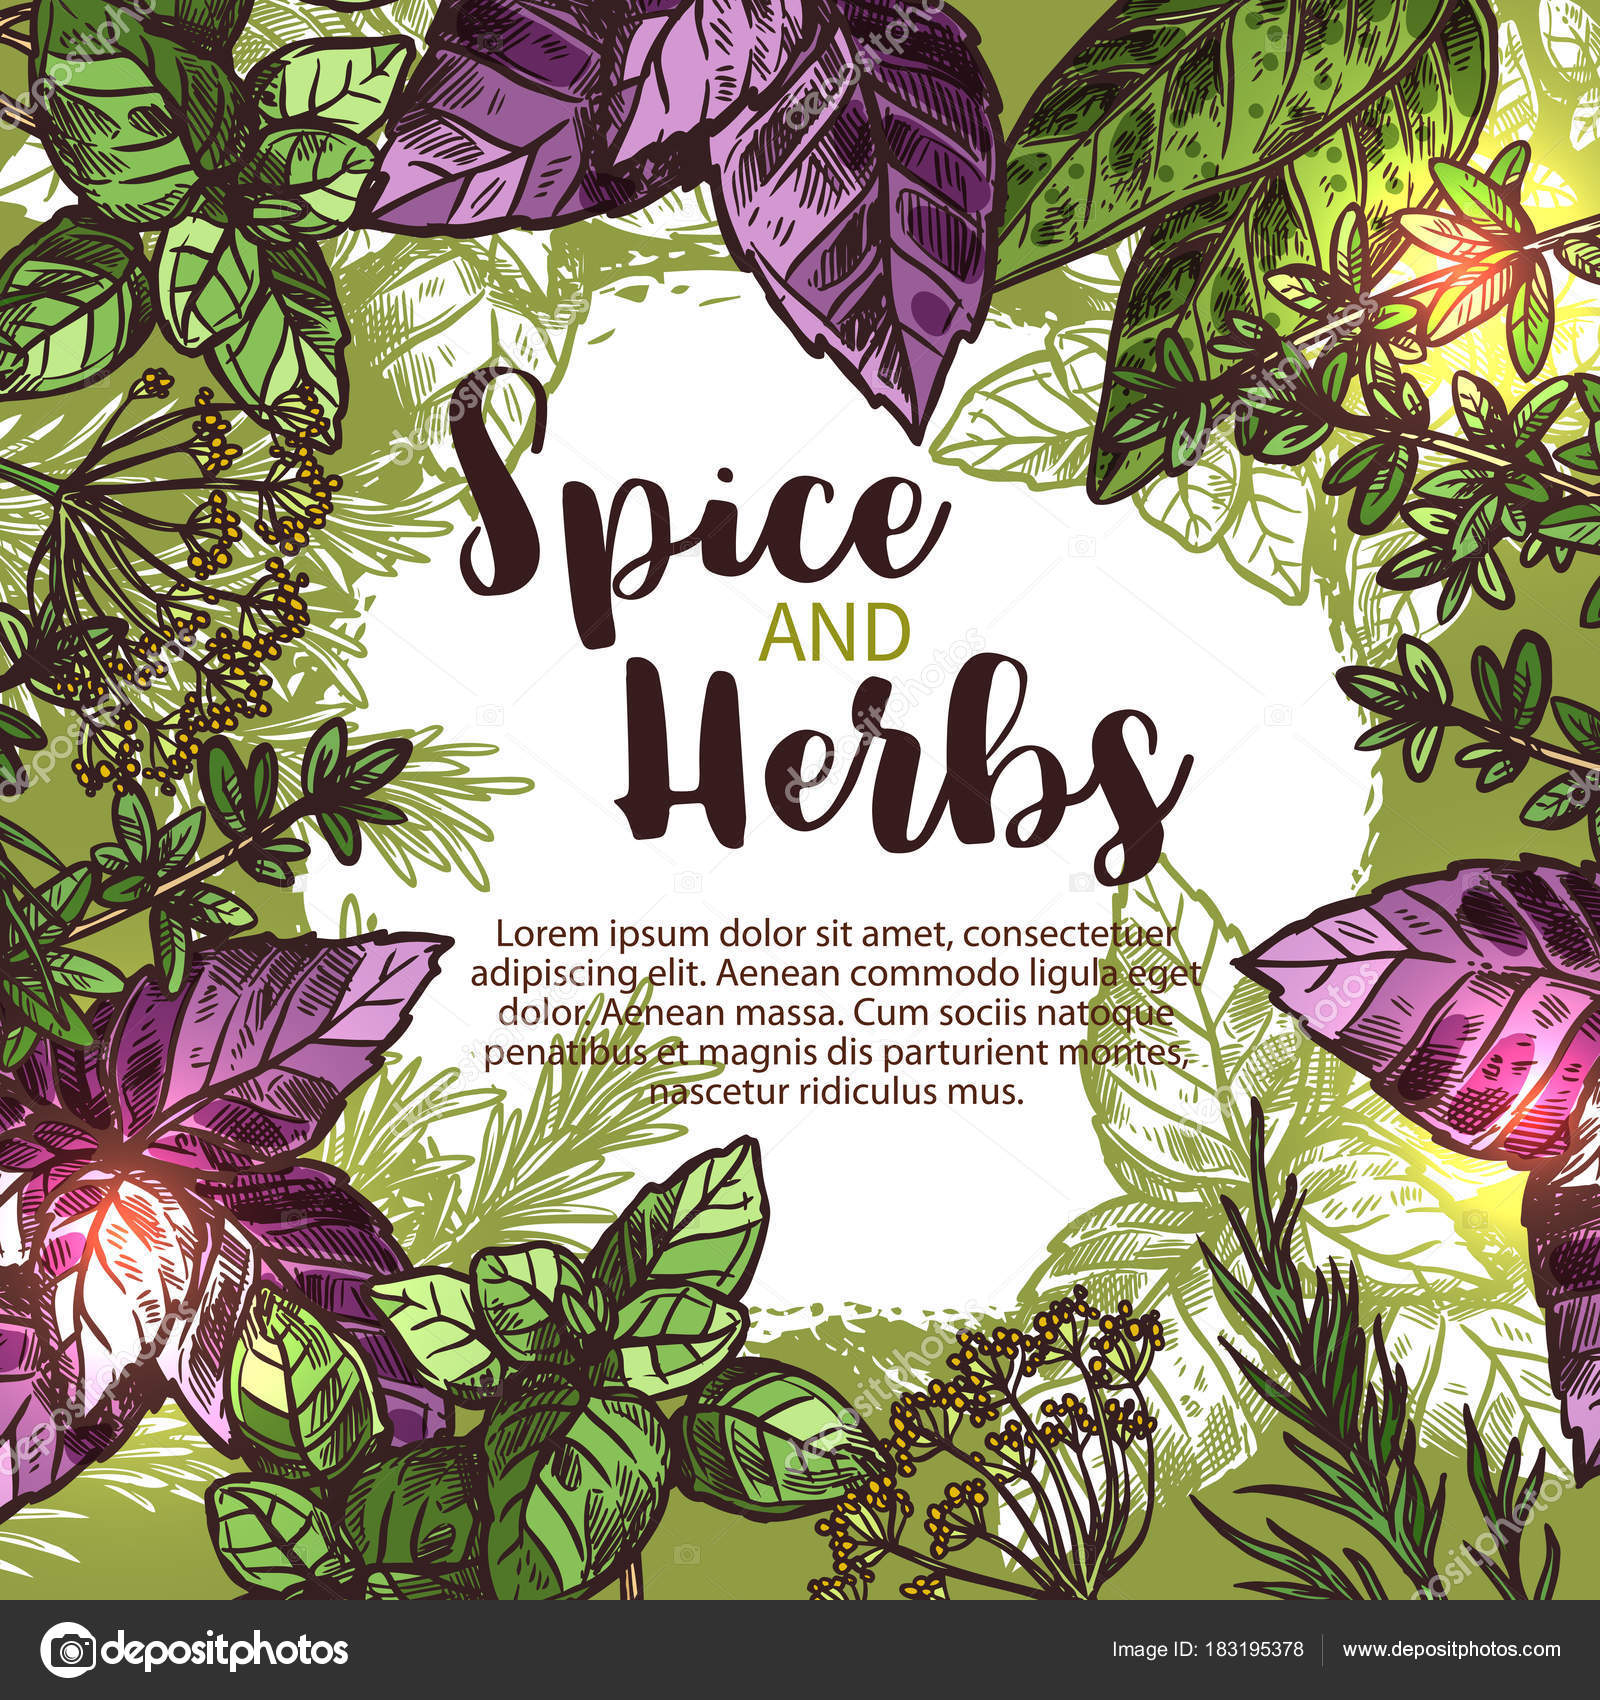 Especias y hierbas póster con marco de planta fresca — Archivo ...